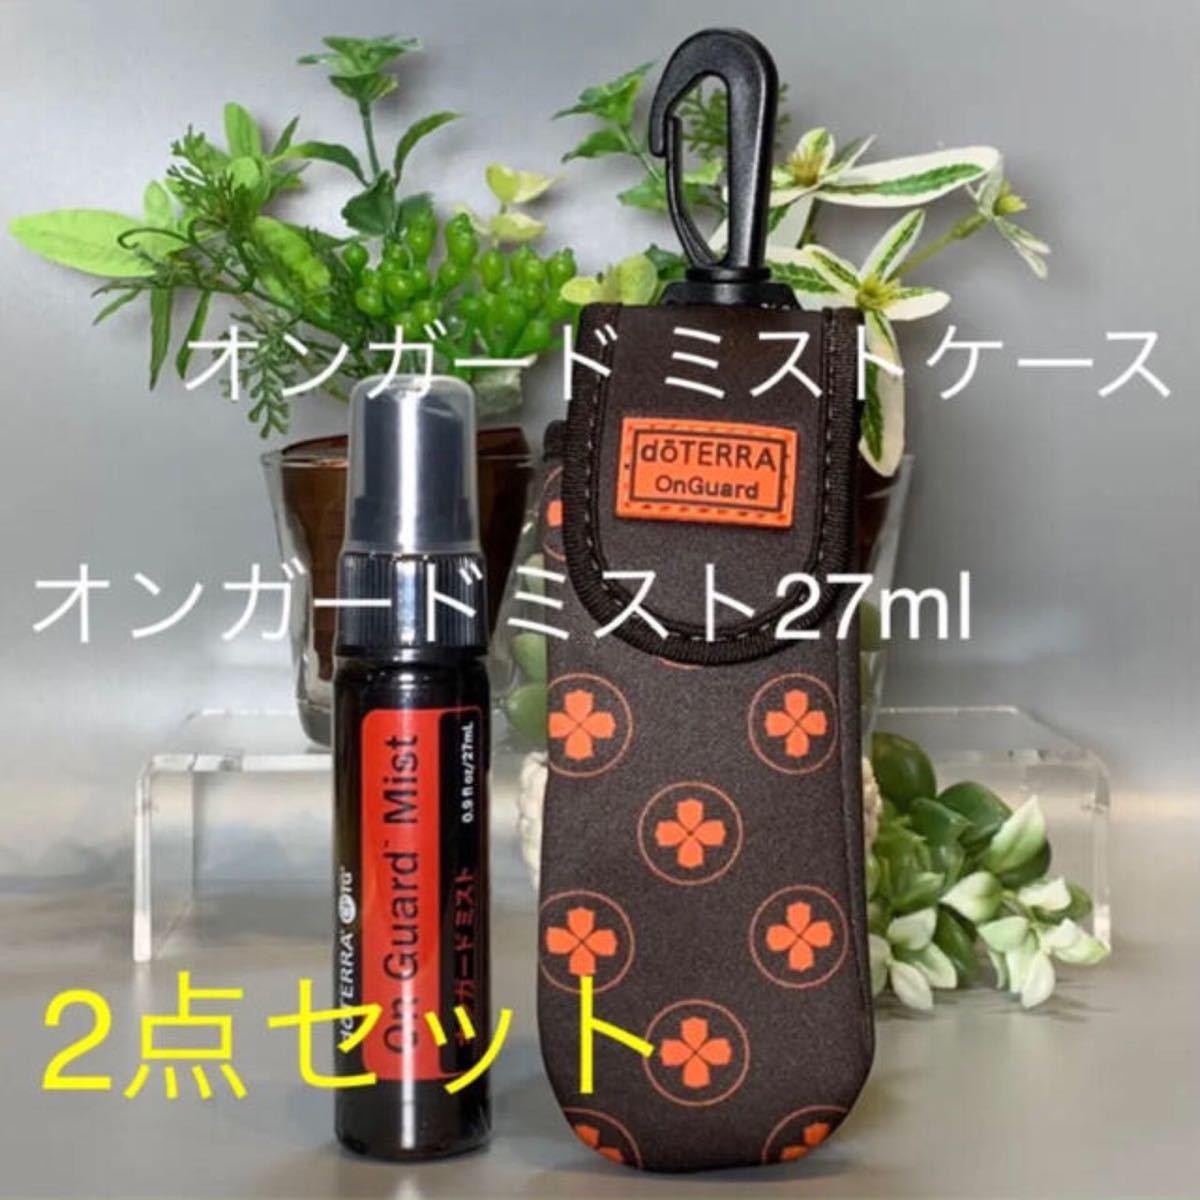 ドテラ オンガードミスト27ml &ミストケース セット★新品未開封★